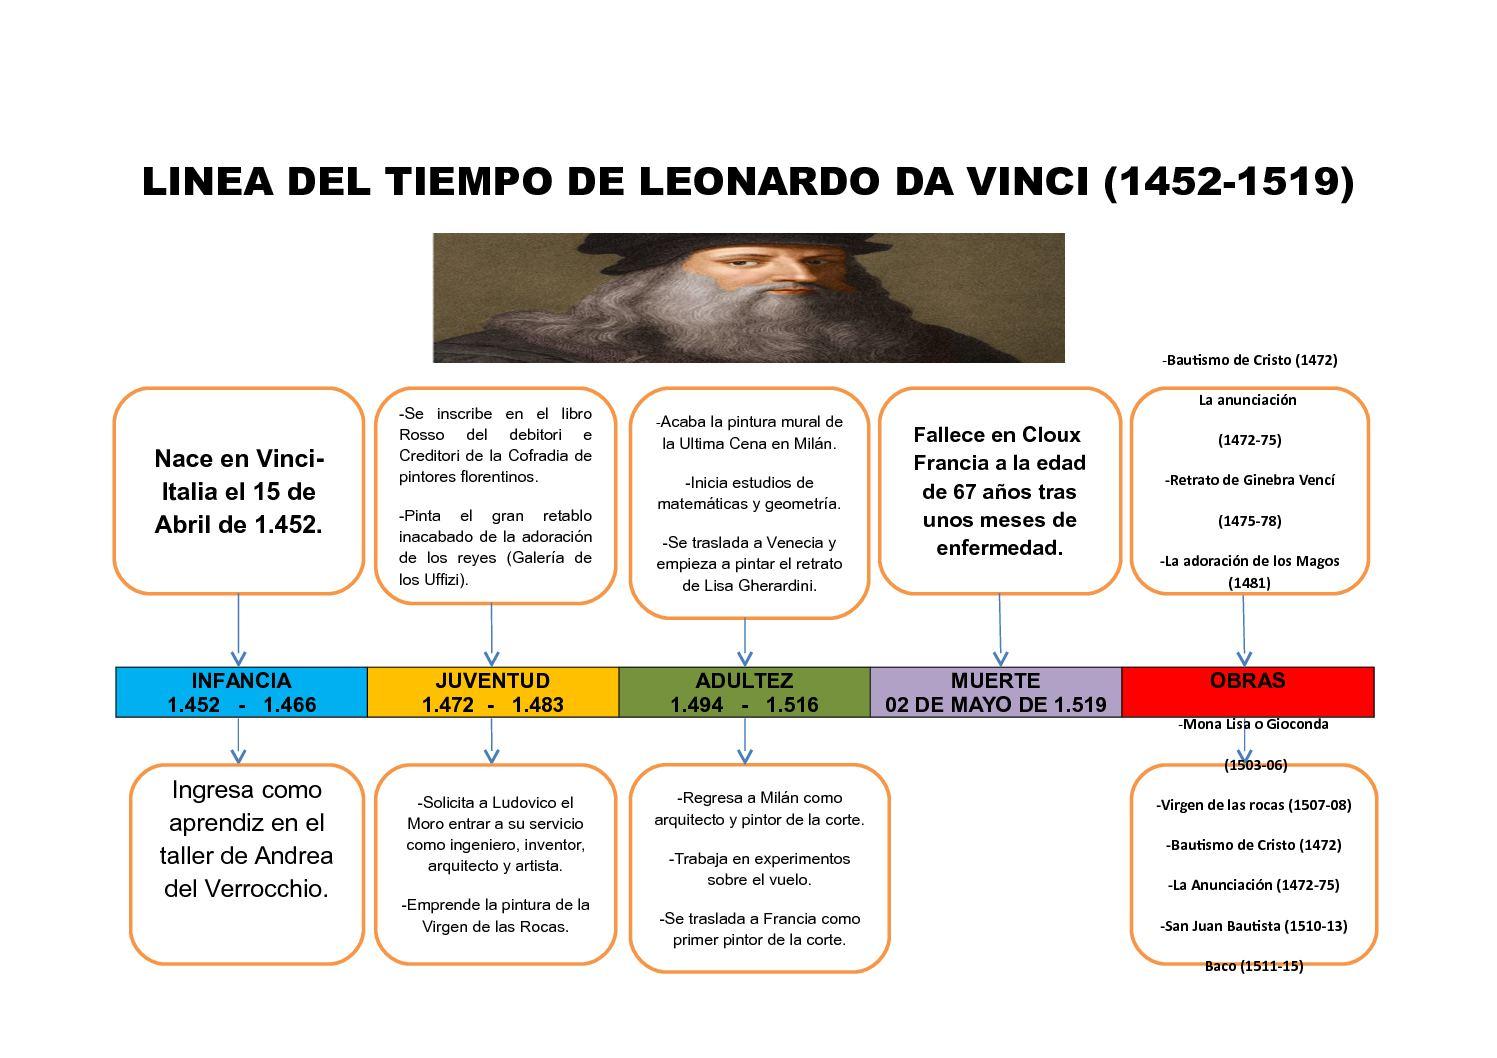 Linea Del Tiempo De Leonardo Da Vinci